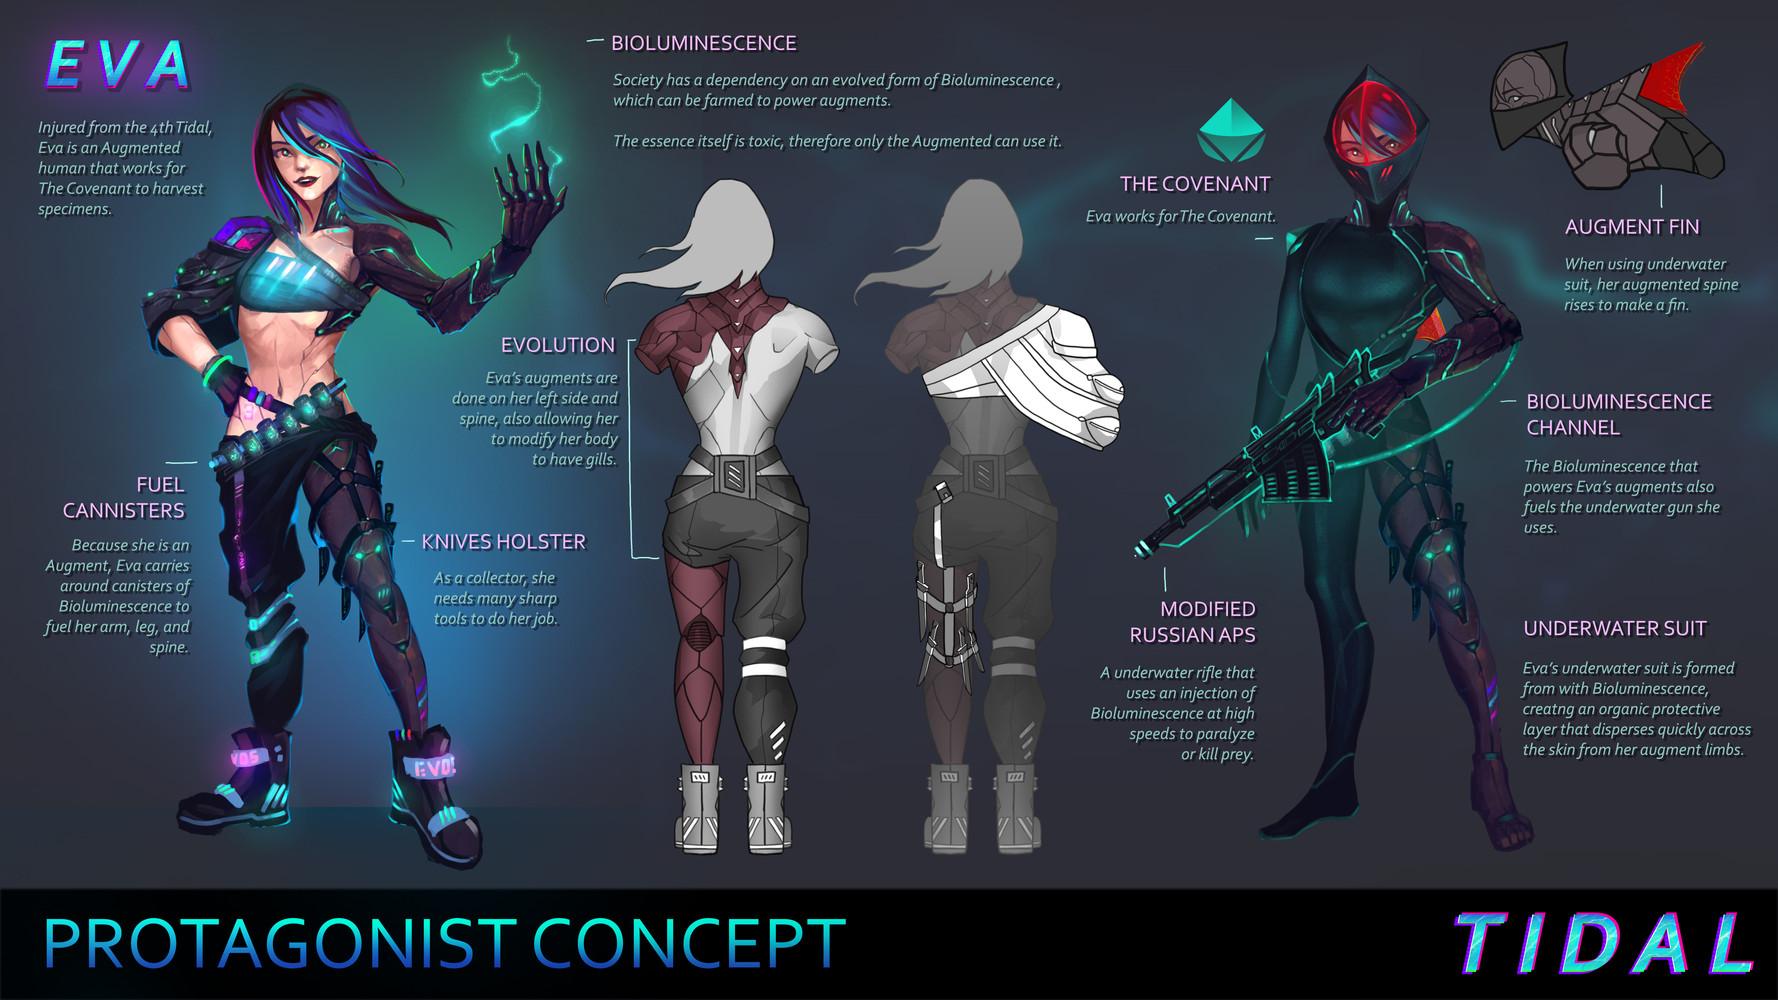 Protagonist Concept (EVA)